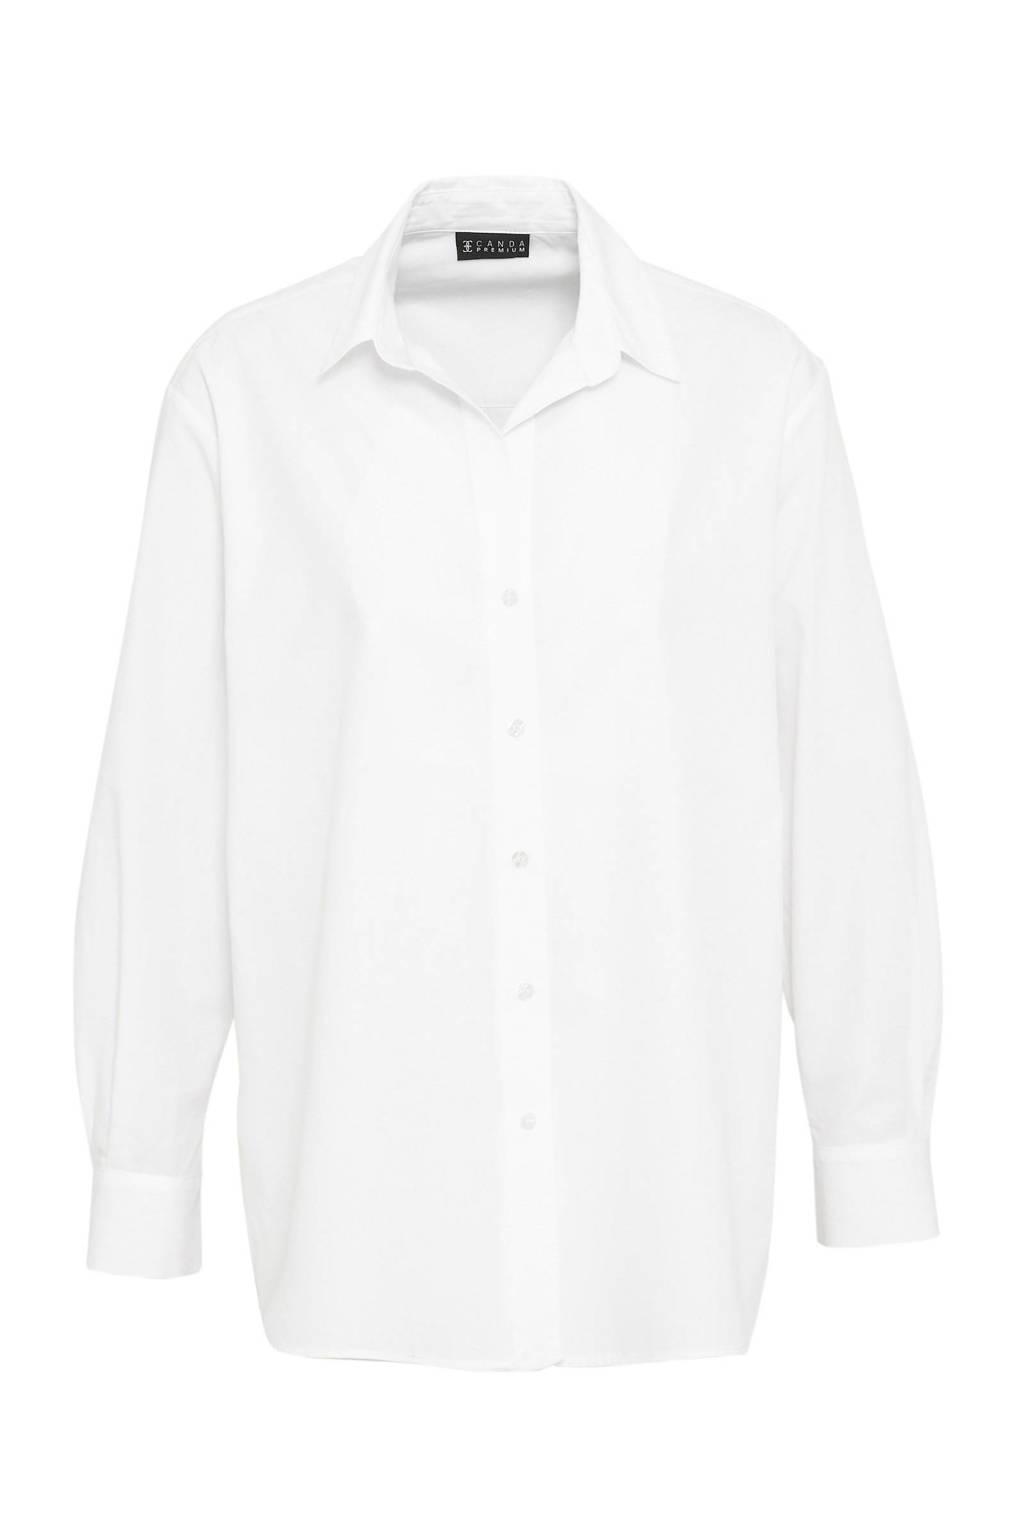 C&A blouse wit, Wit